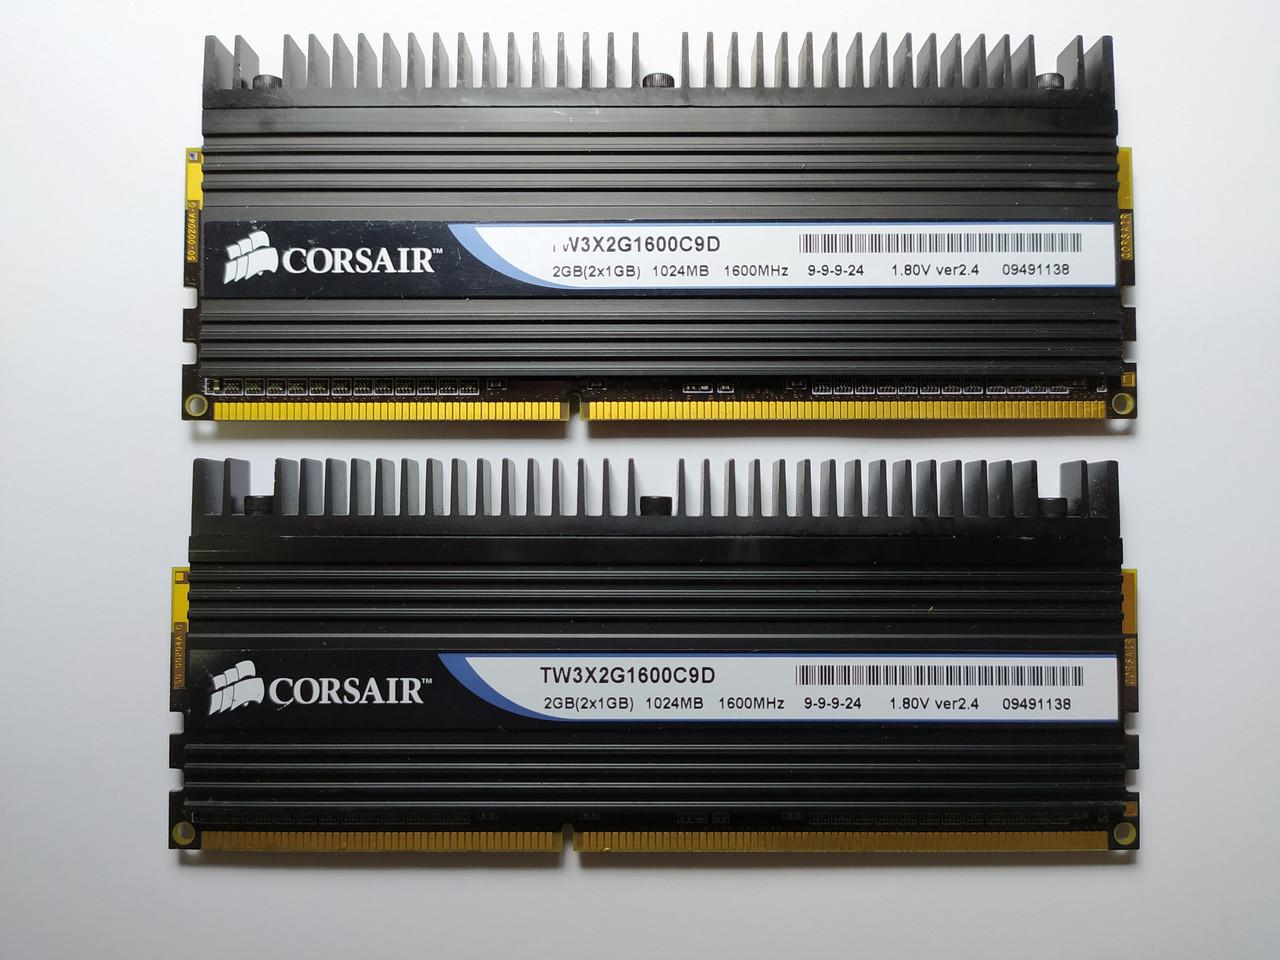 Комплект оперативной памяти Corsair Dominator DDR3 2Gb (2*1Gb) 1600MHz PC3-12800 (TW3X2G1600C9D) Б/У